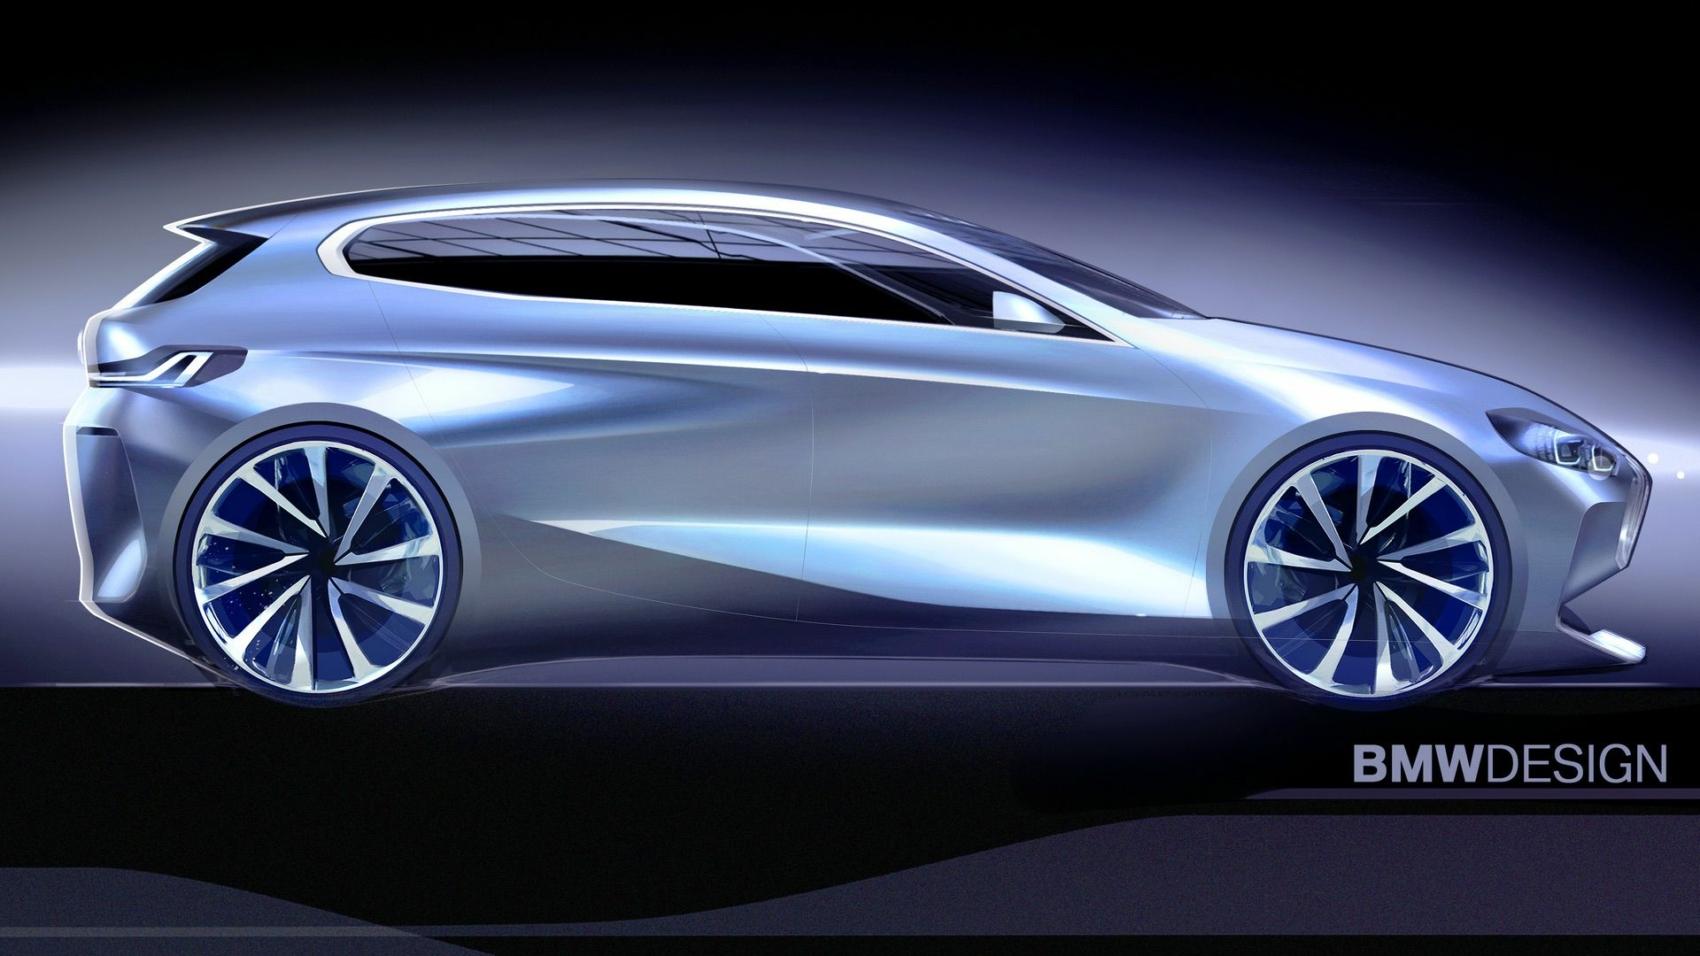 2020-BMW-1-Series-Design-Sketches-07